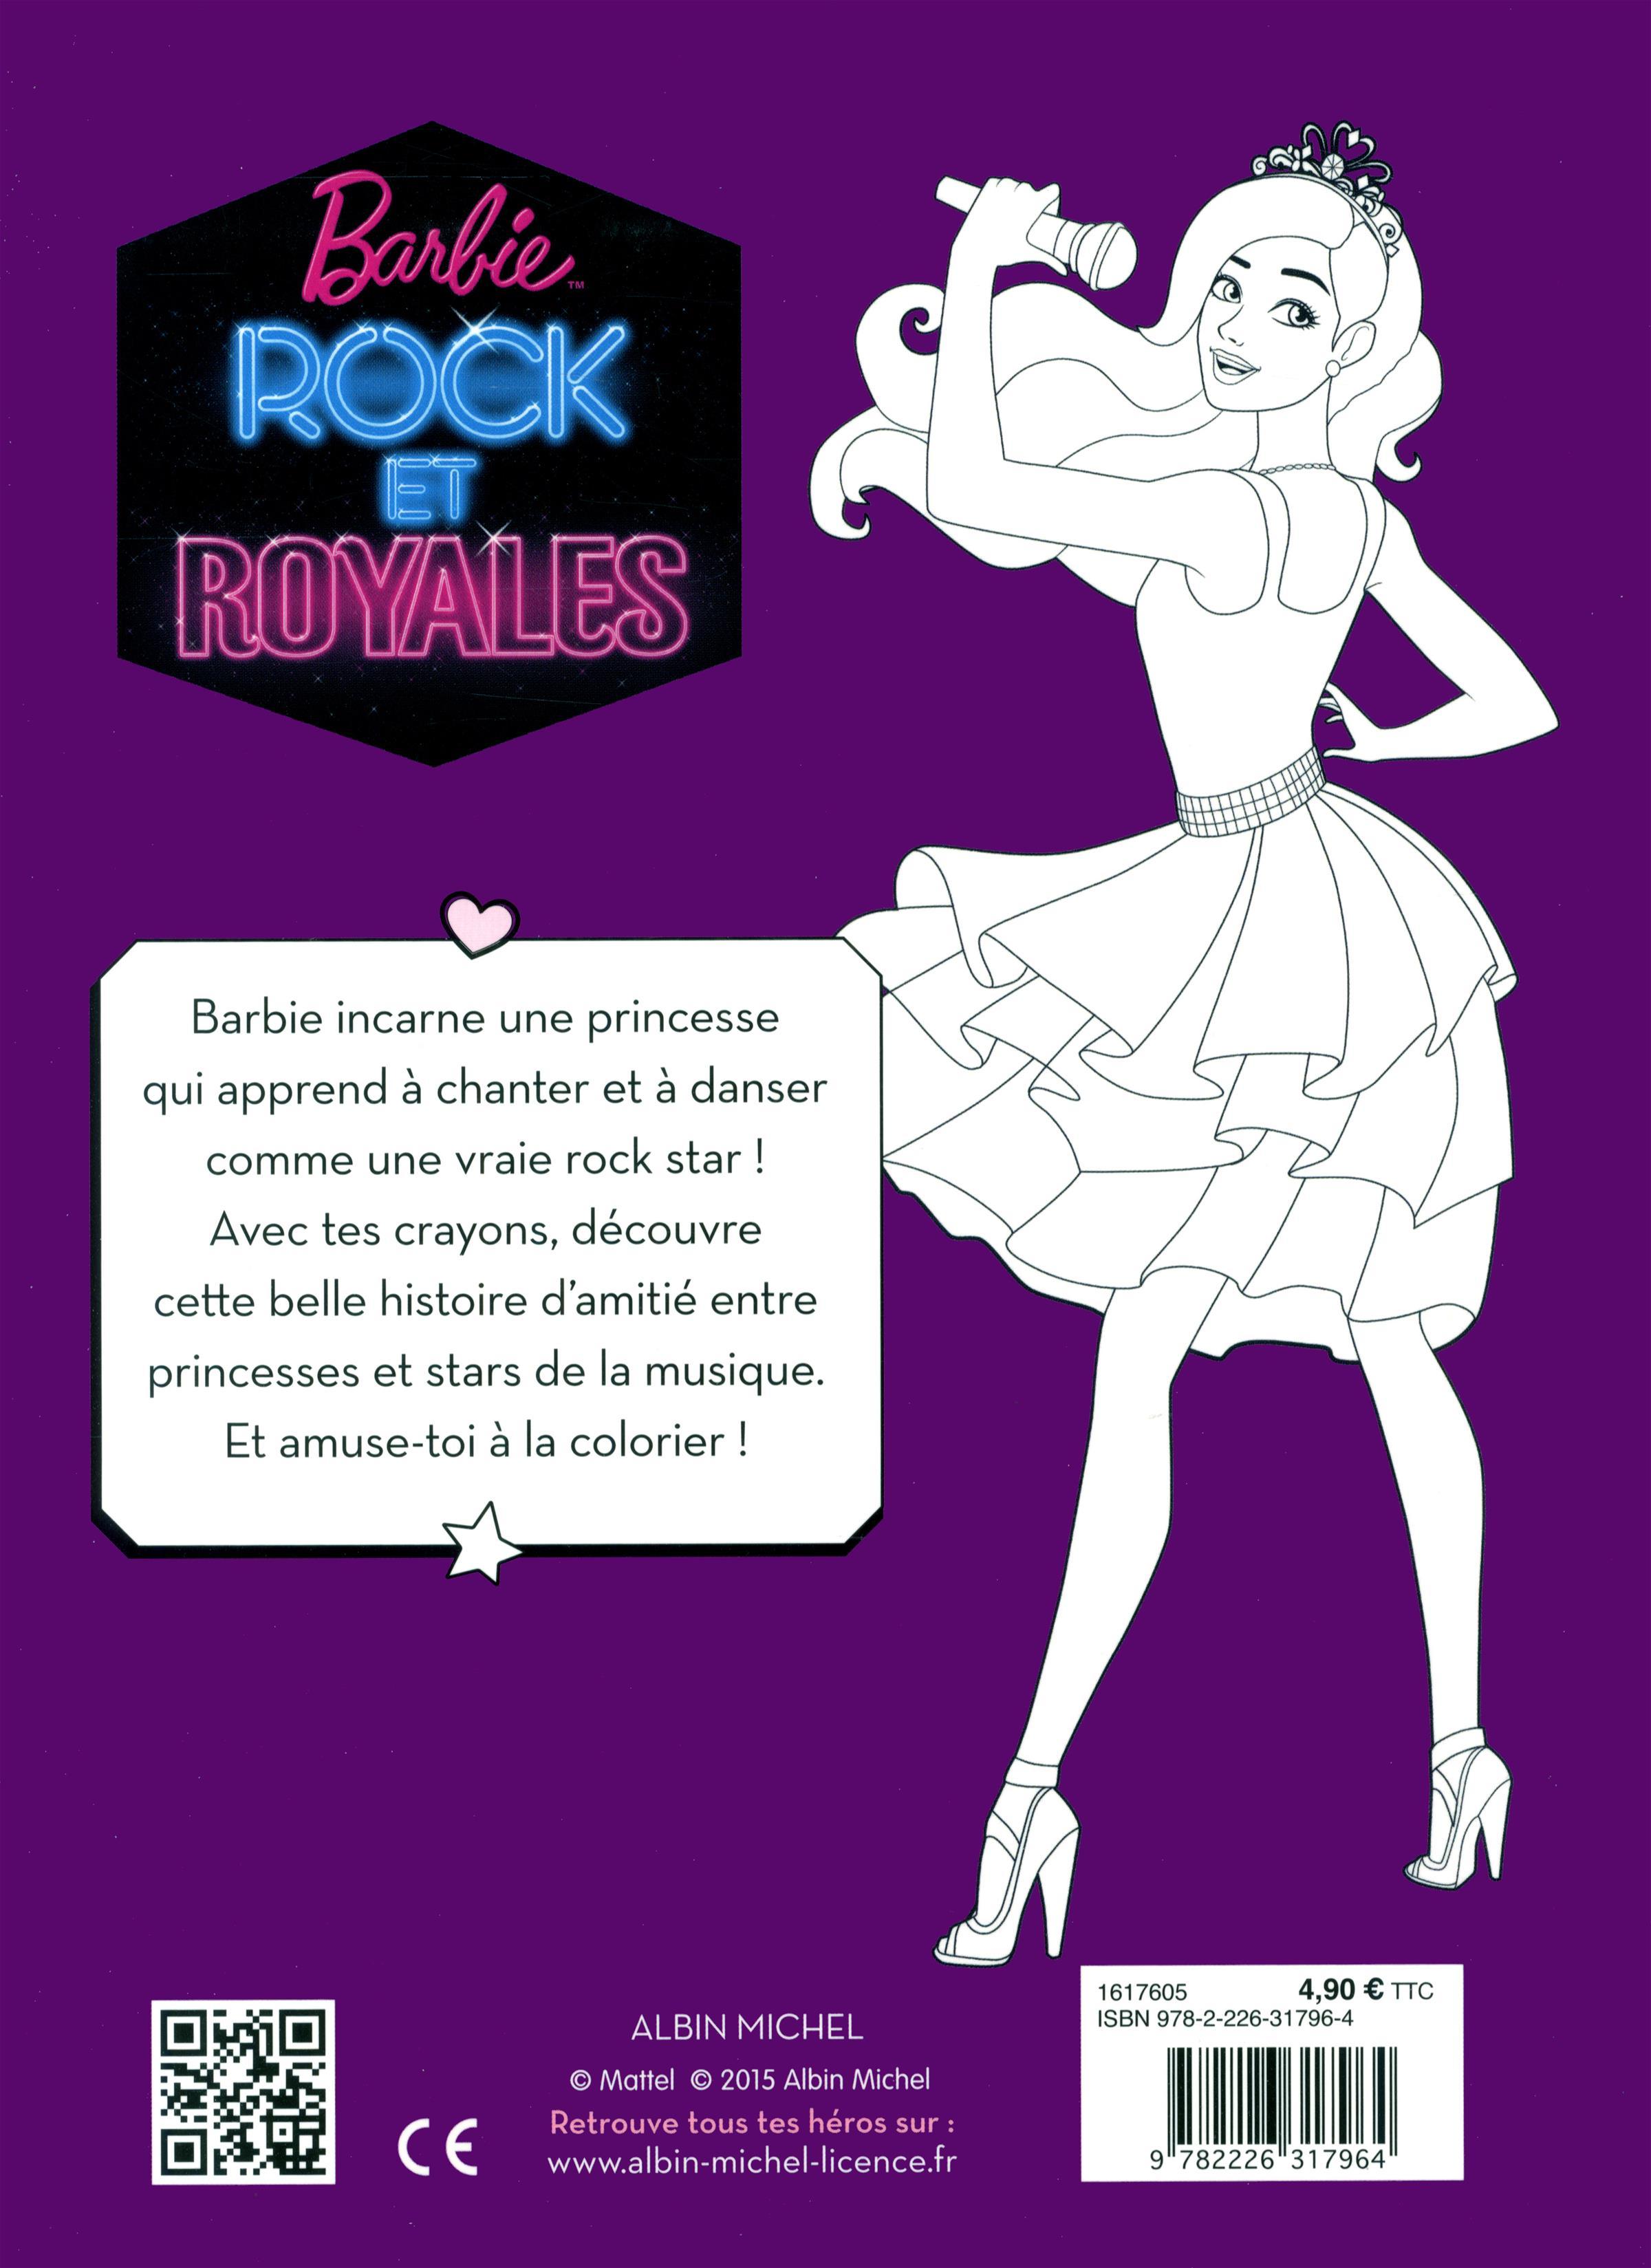 Coloriage Princesse Qui Danse Avec Prince.Livre Barbie Rock Et Royales Mon Histoire A Colorier Messageries Adp